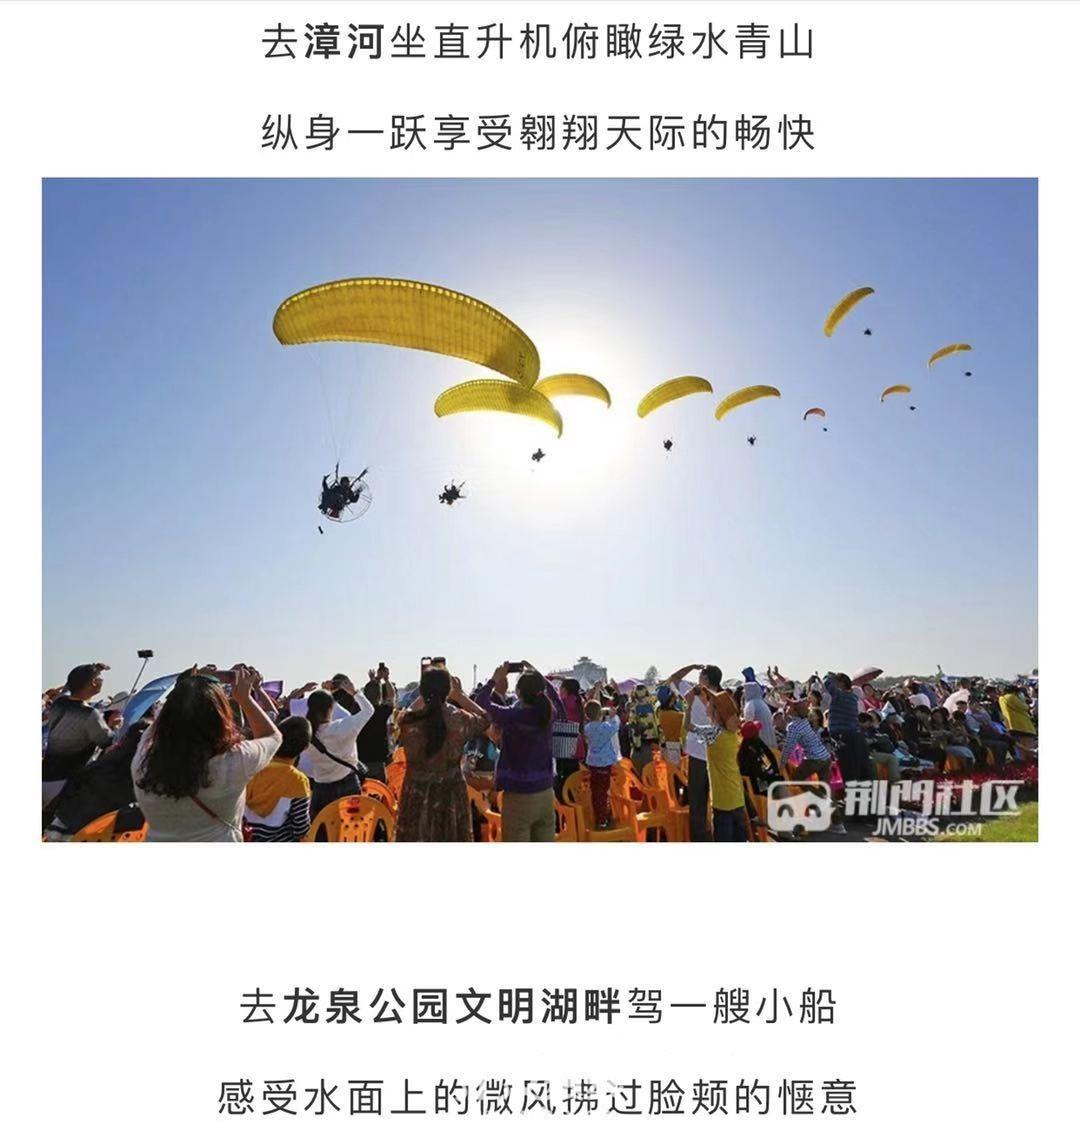 微信图片_202012161013088.jpg